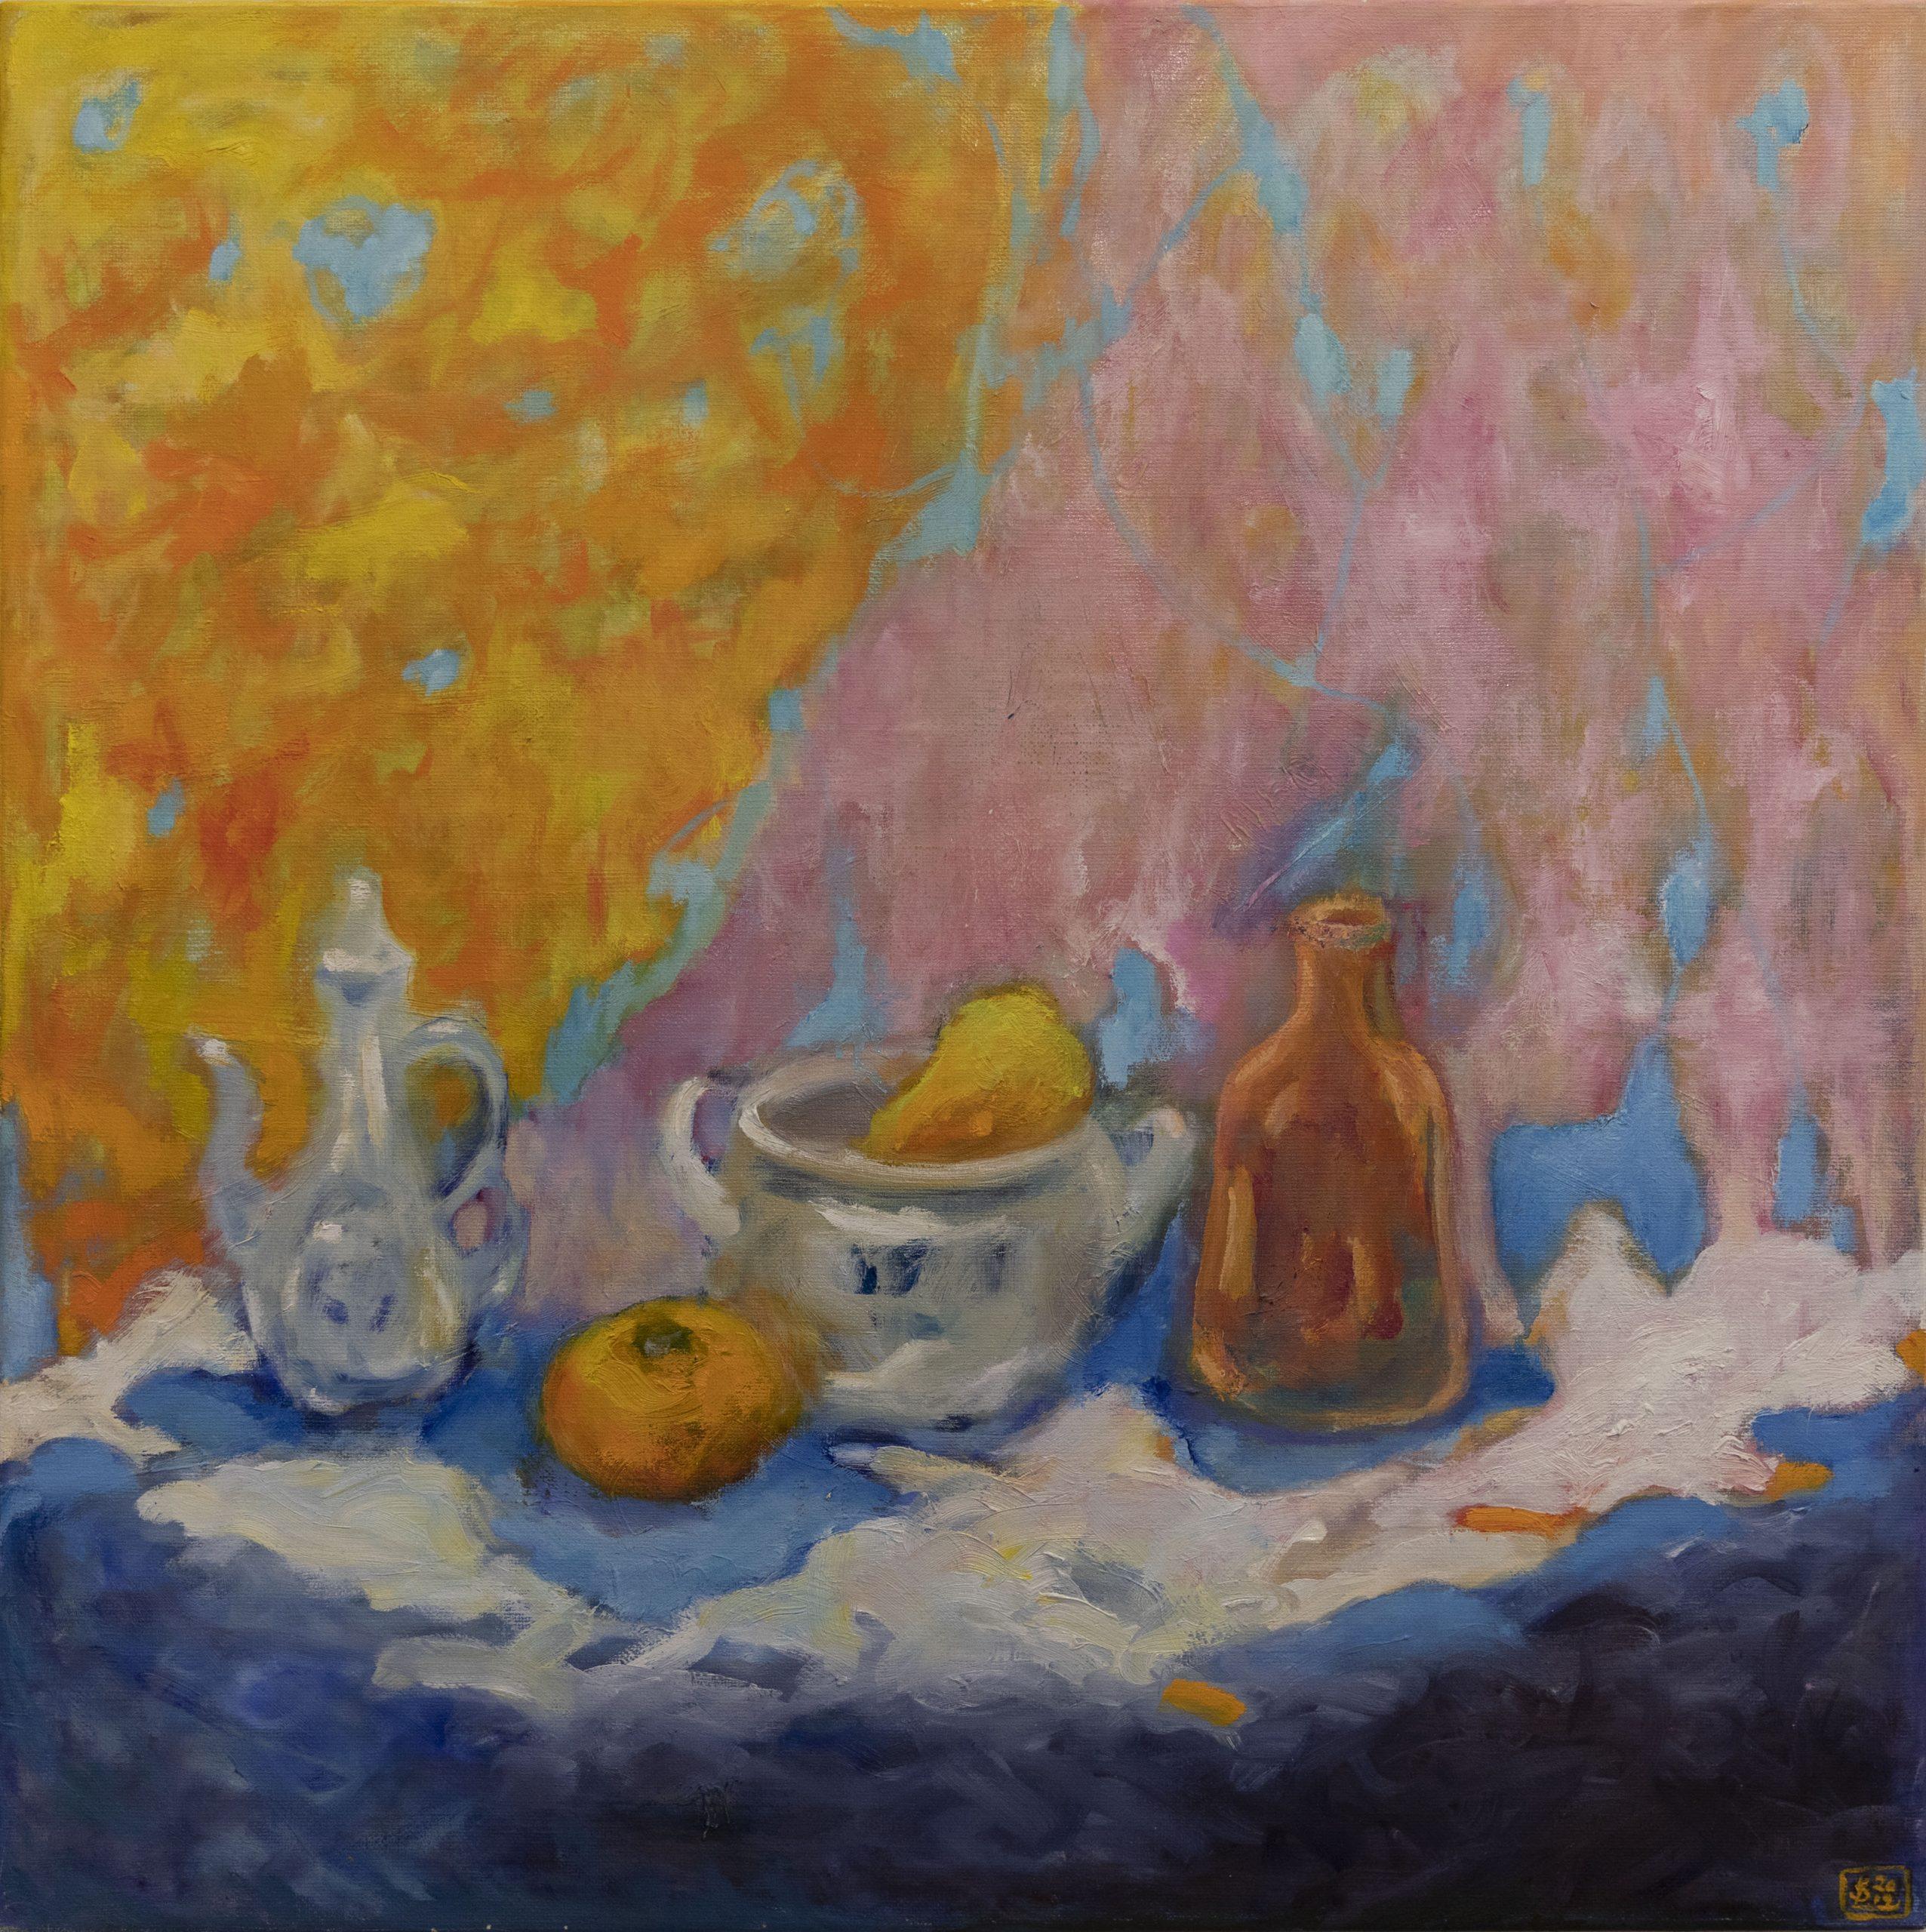 Värikäs asetelmamaalaus, jossa karahvi, appelsiini, päärynä, kulho ja pullo.